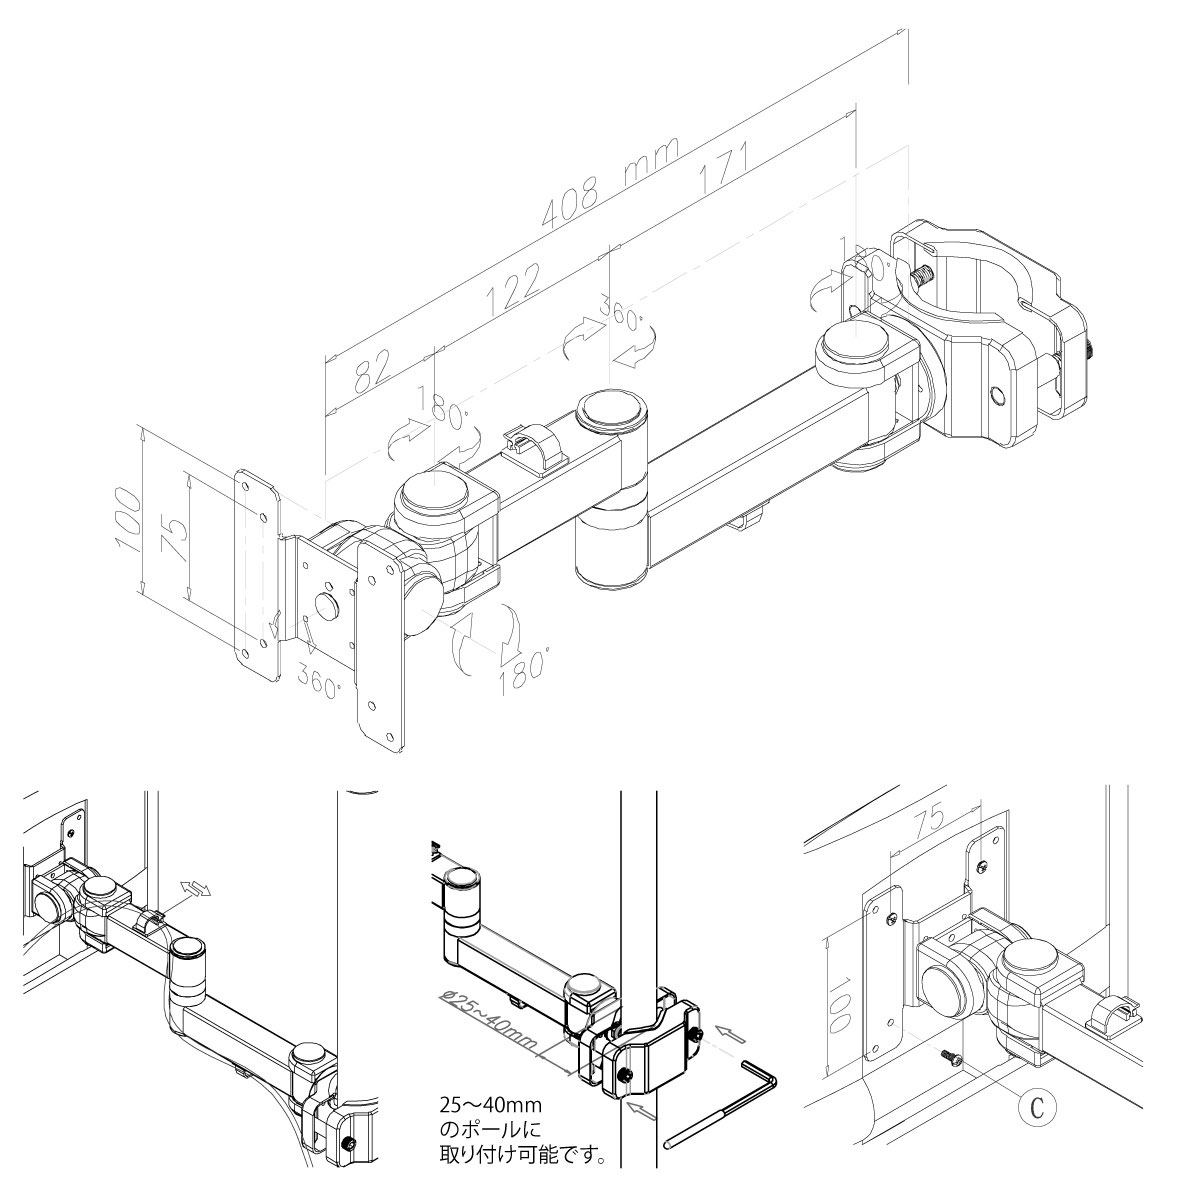 4軸クリップモニターアーム